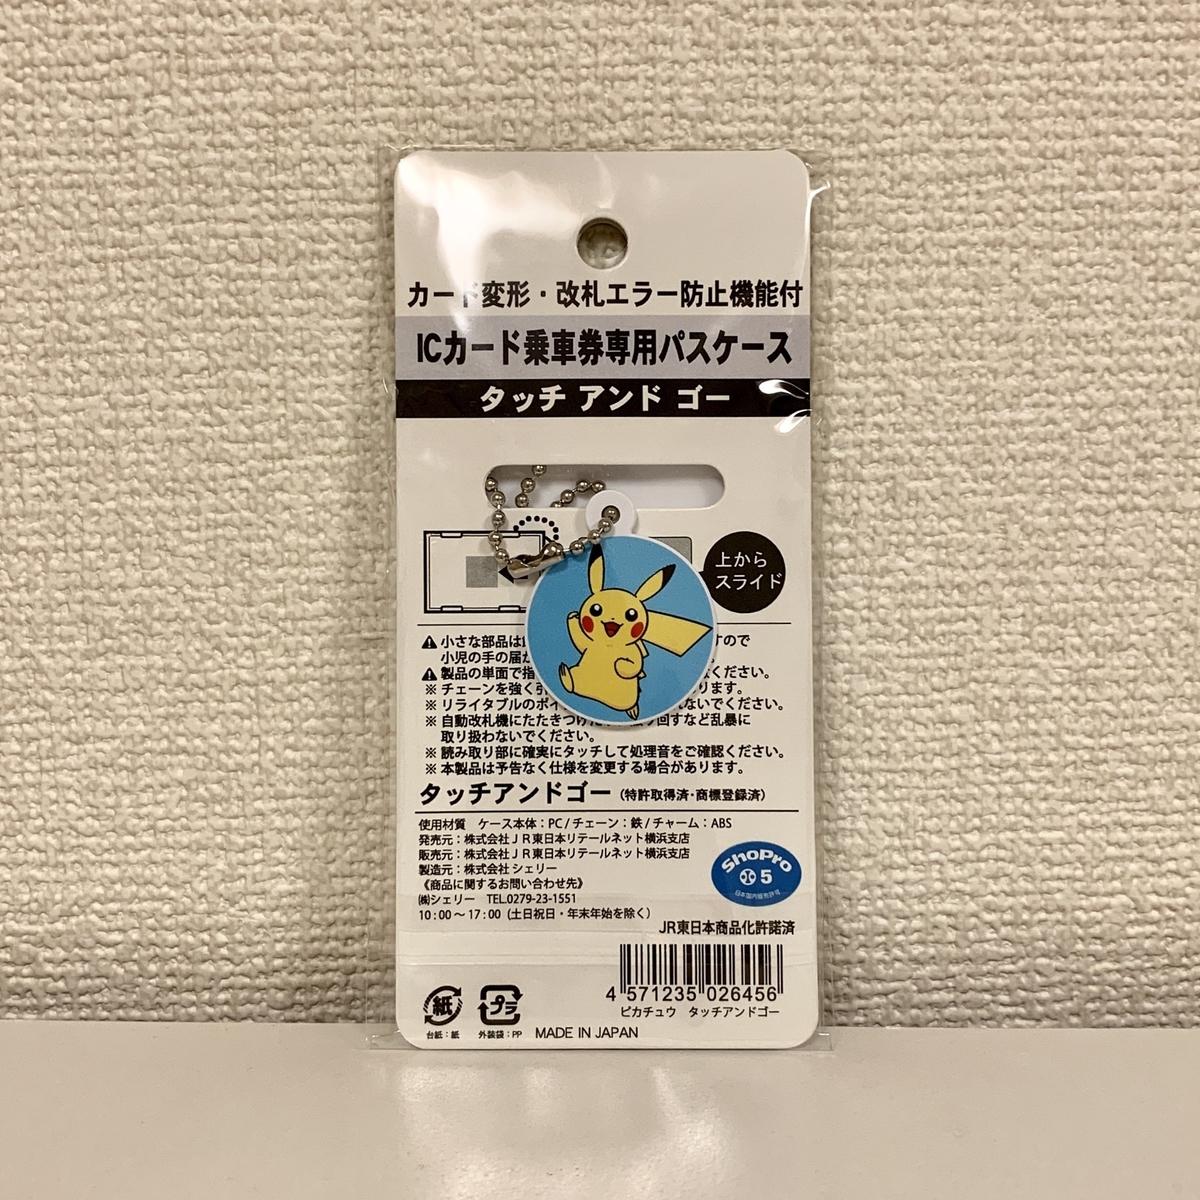 f:id:pikachu_pcn:20190803222403j:plain